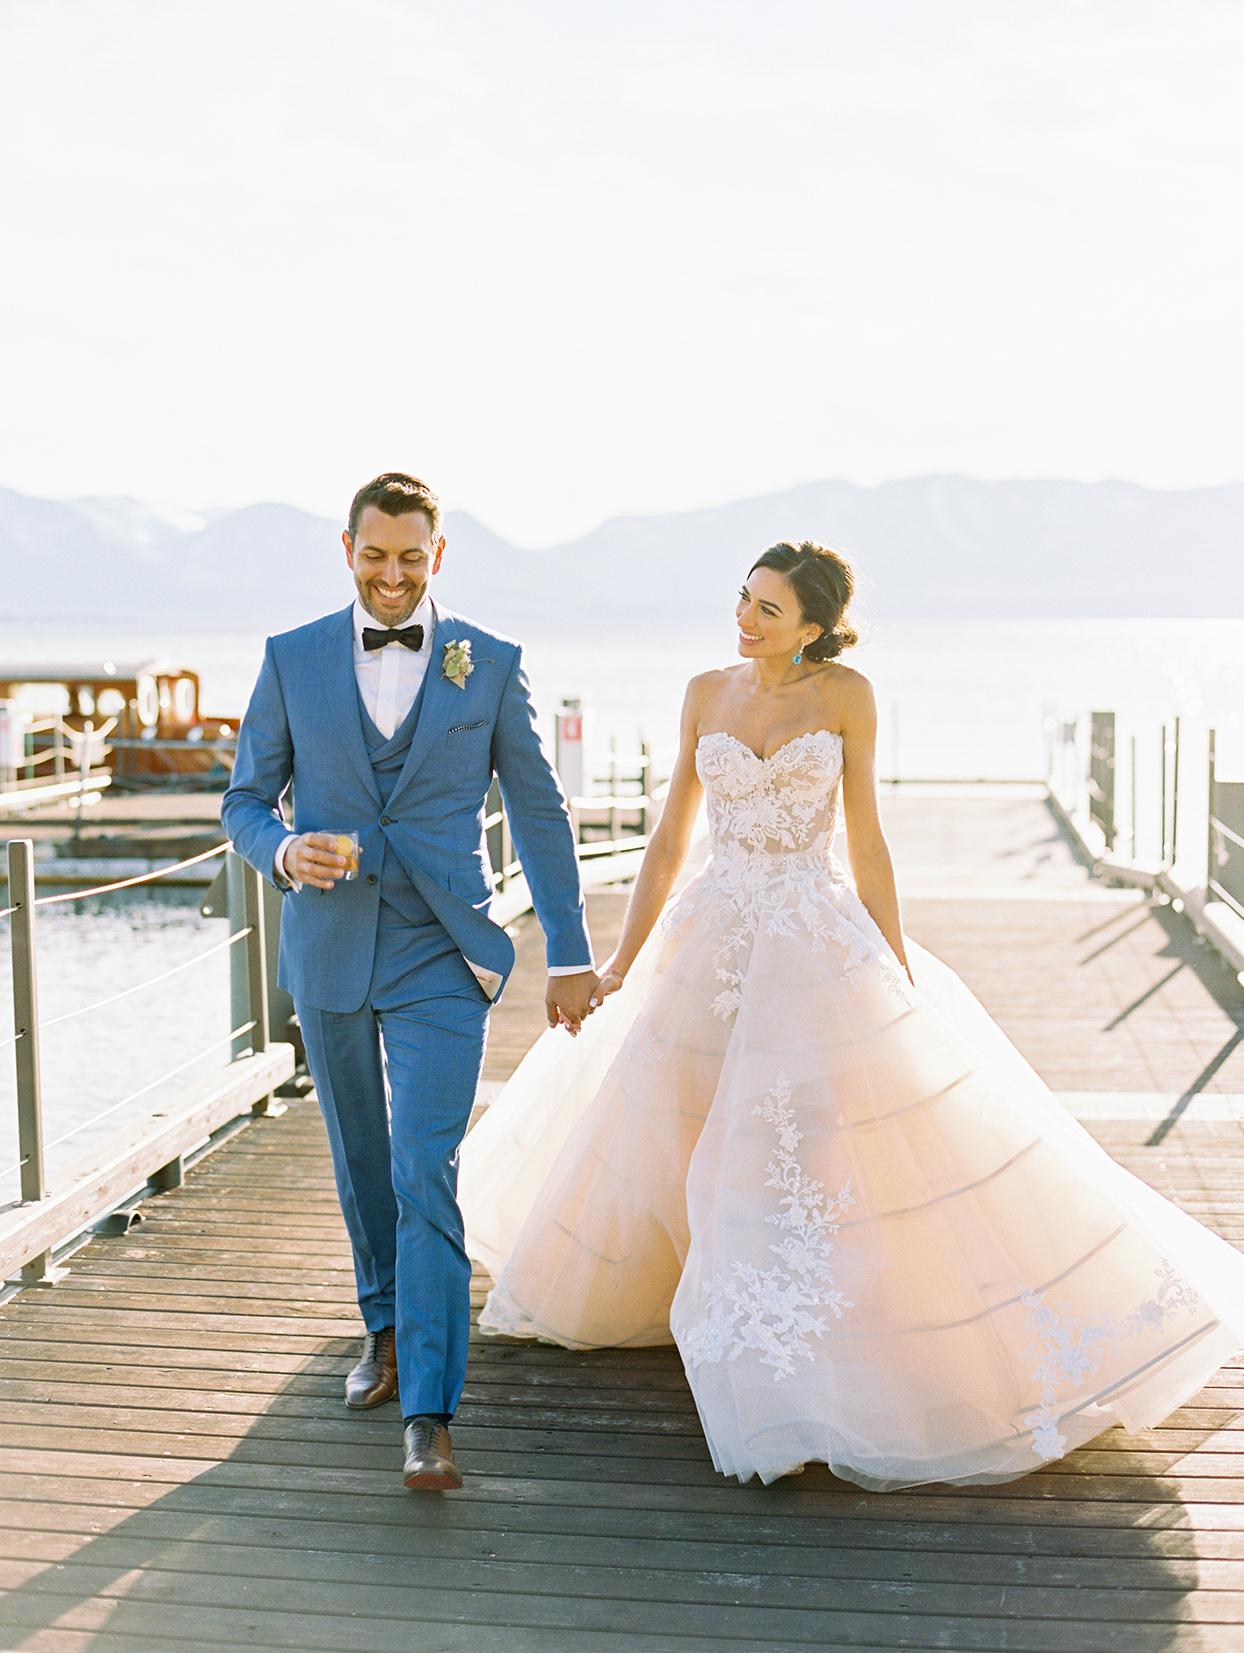 asha andrew wedding couple walking on dock